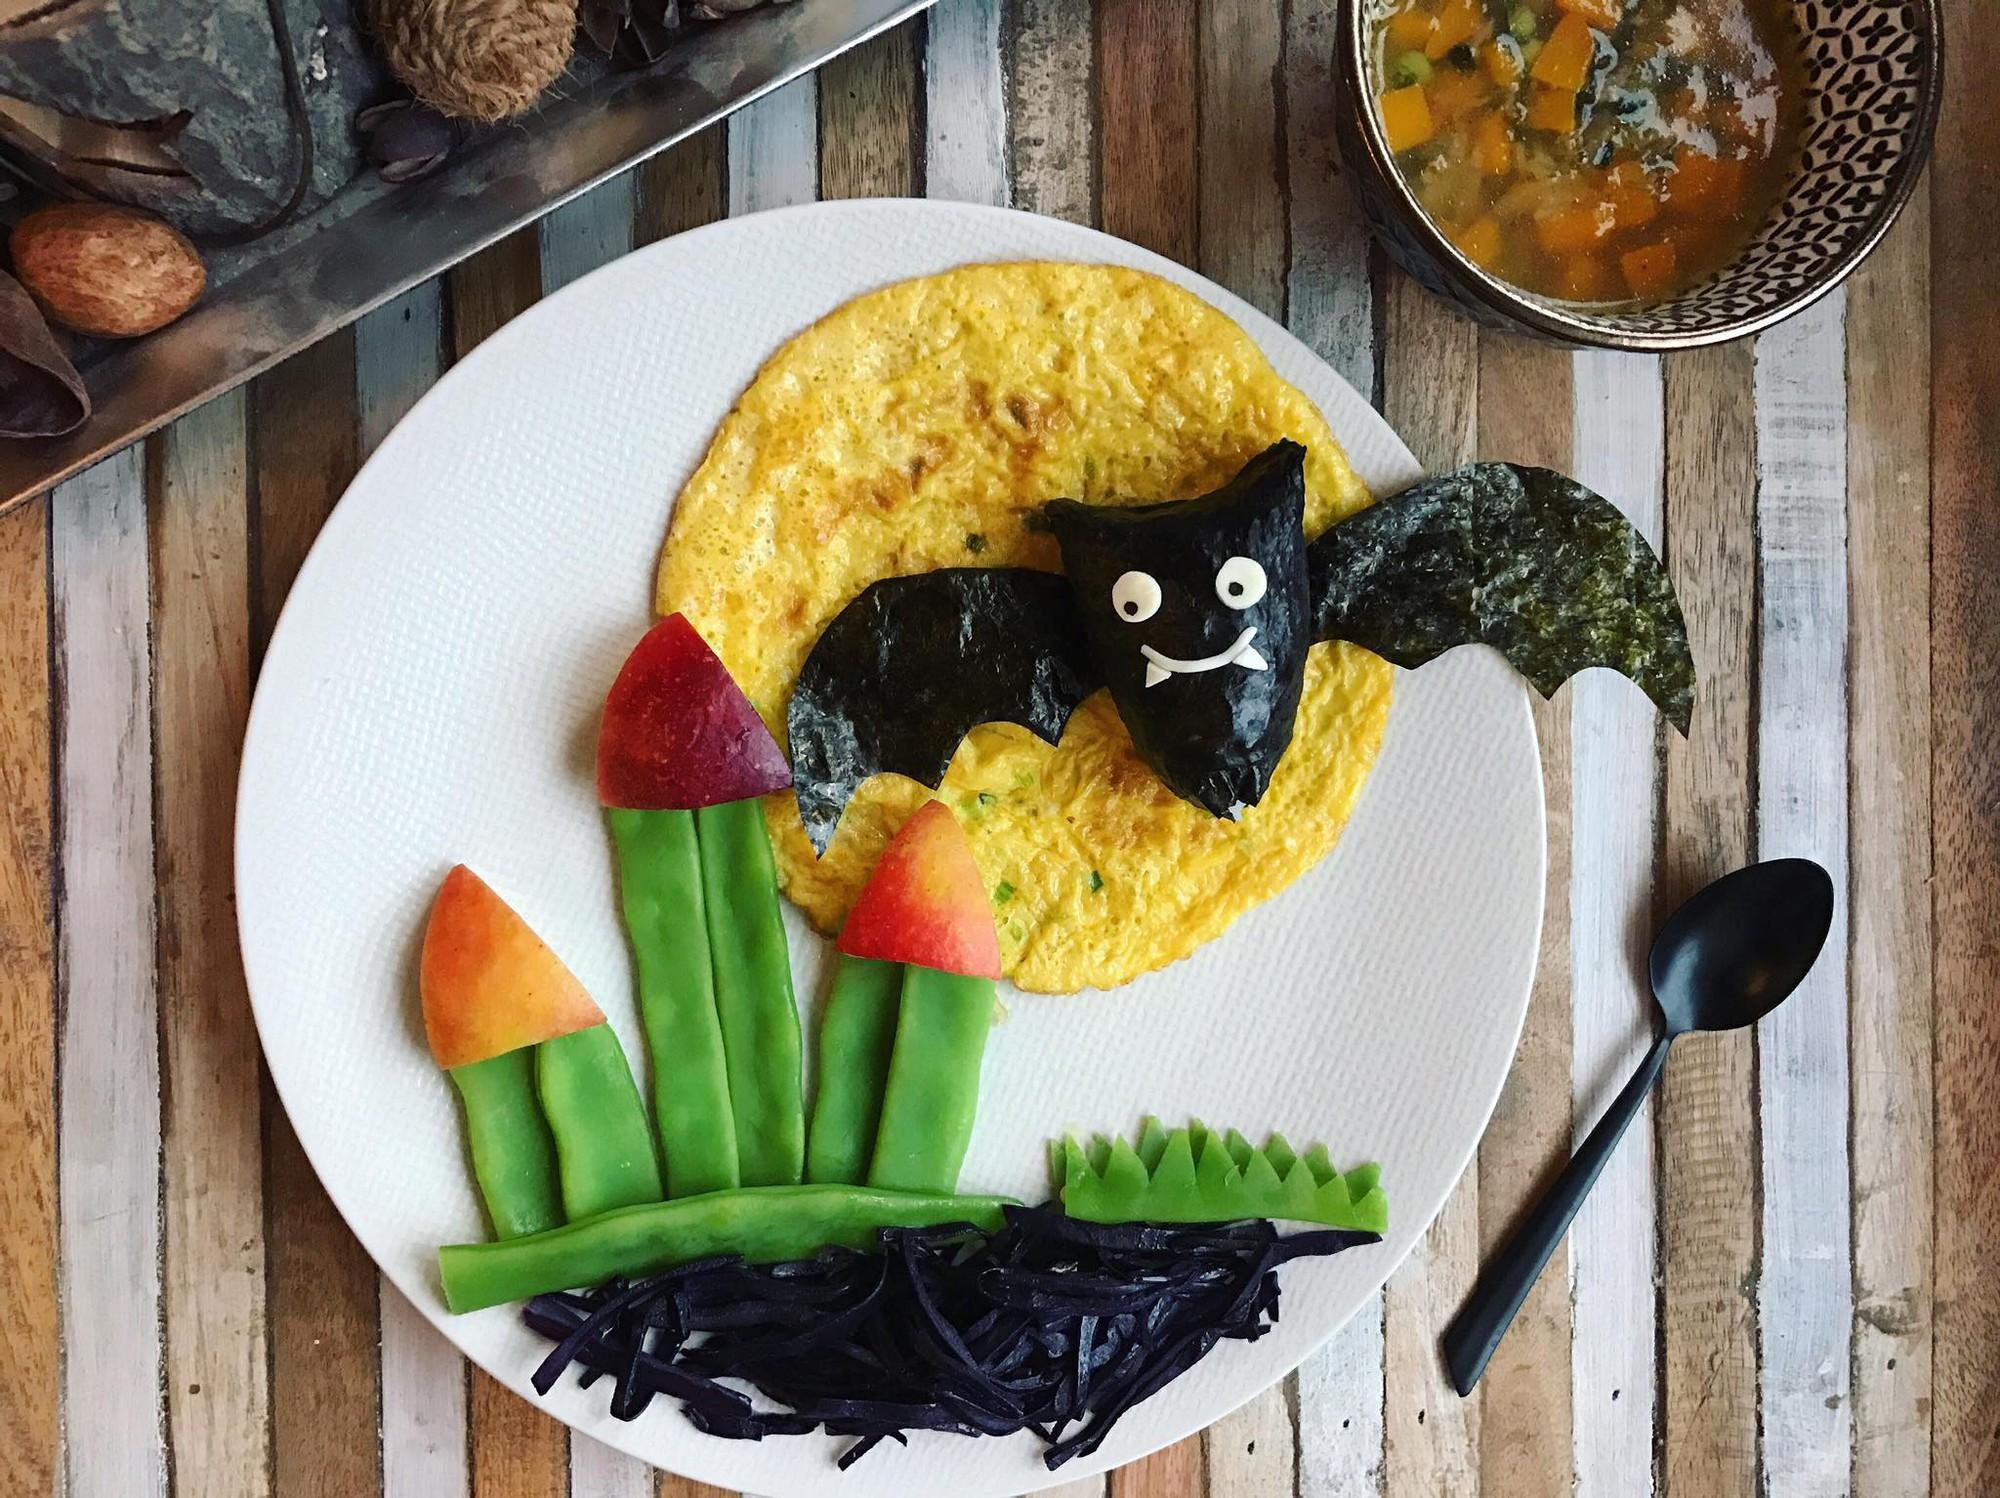 Chùm ảnh: Bà mẹ trẻ mỗi ngày vẽ một bức tranh bằng thức ăn cho con, không ngày nào bị lặp ý tưởng mới tài - Ảnh 9.